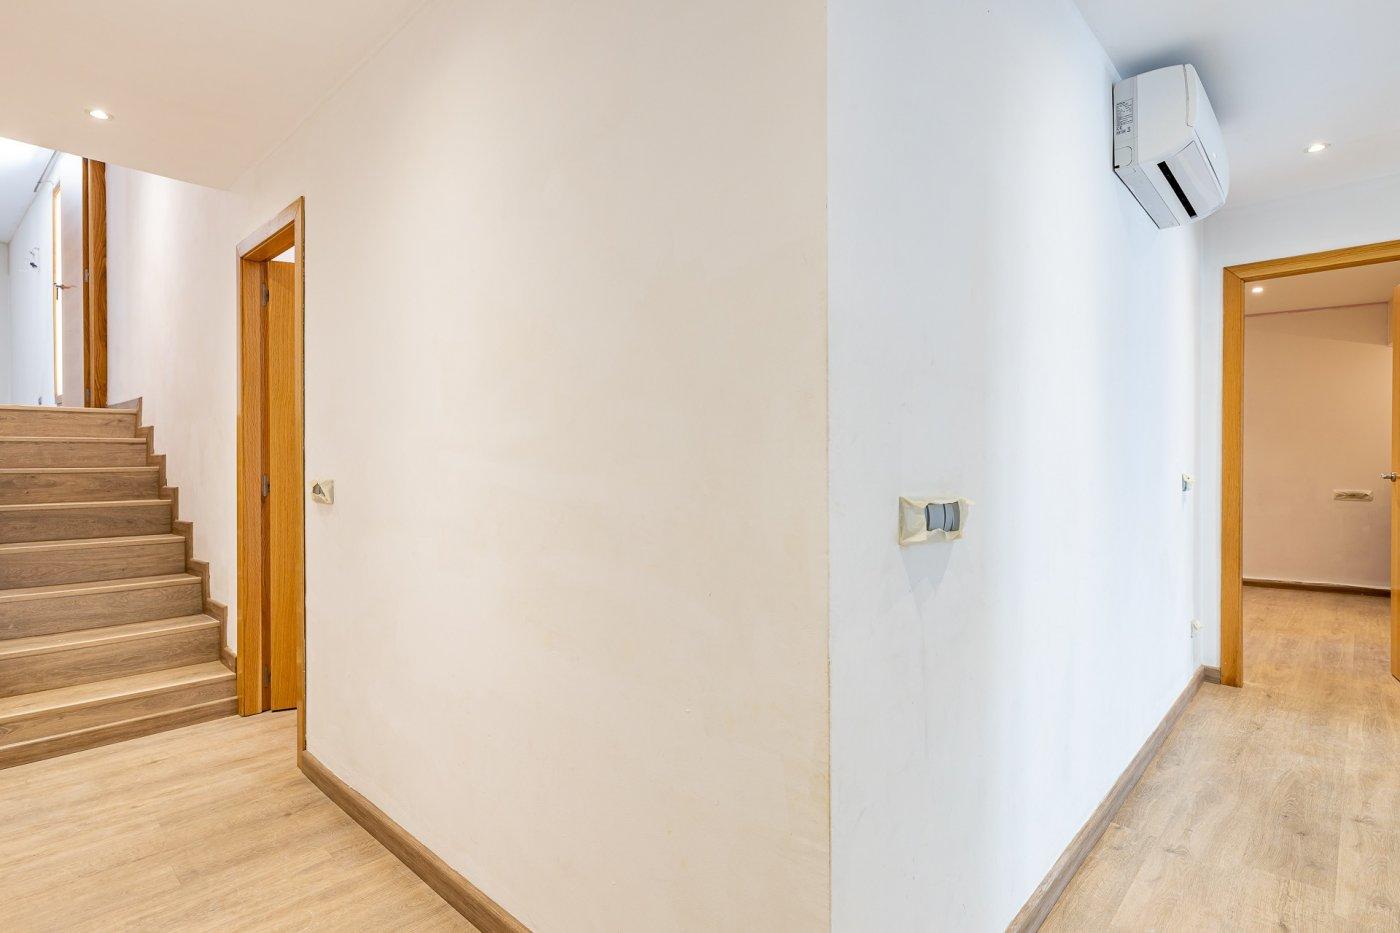 Piso tres habitaciones y amplia terraza en el centro de inca - imagenInmueble12